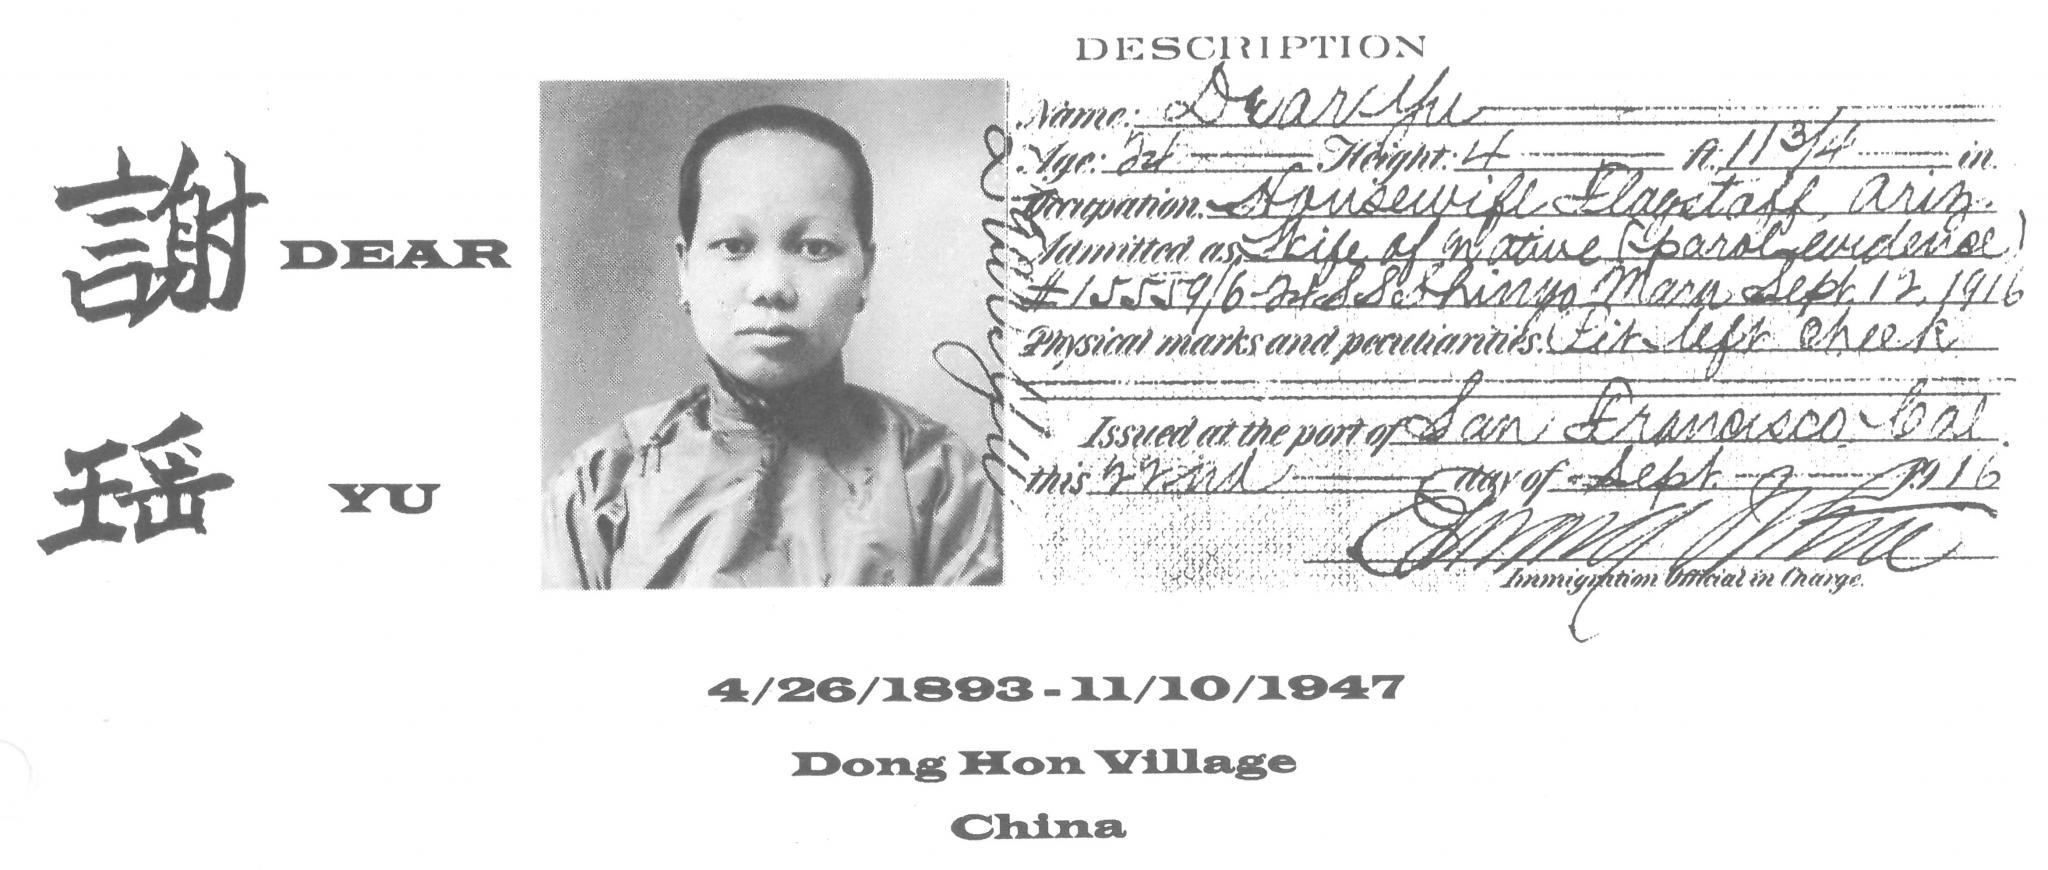 Dr. James Wong